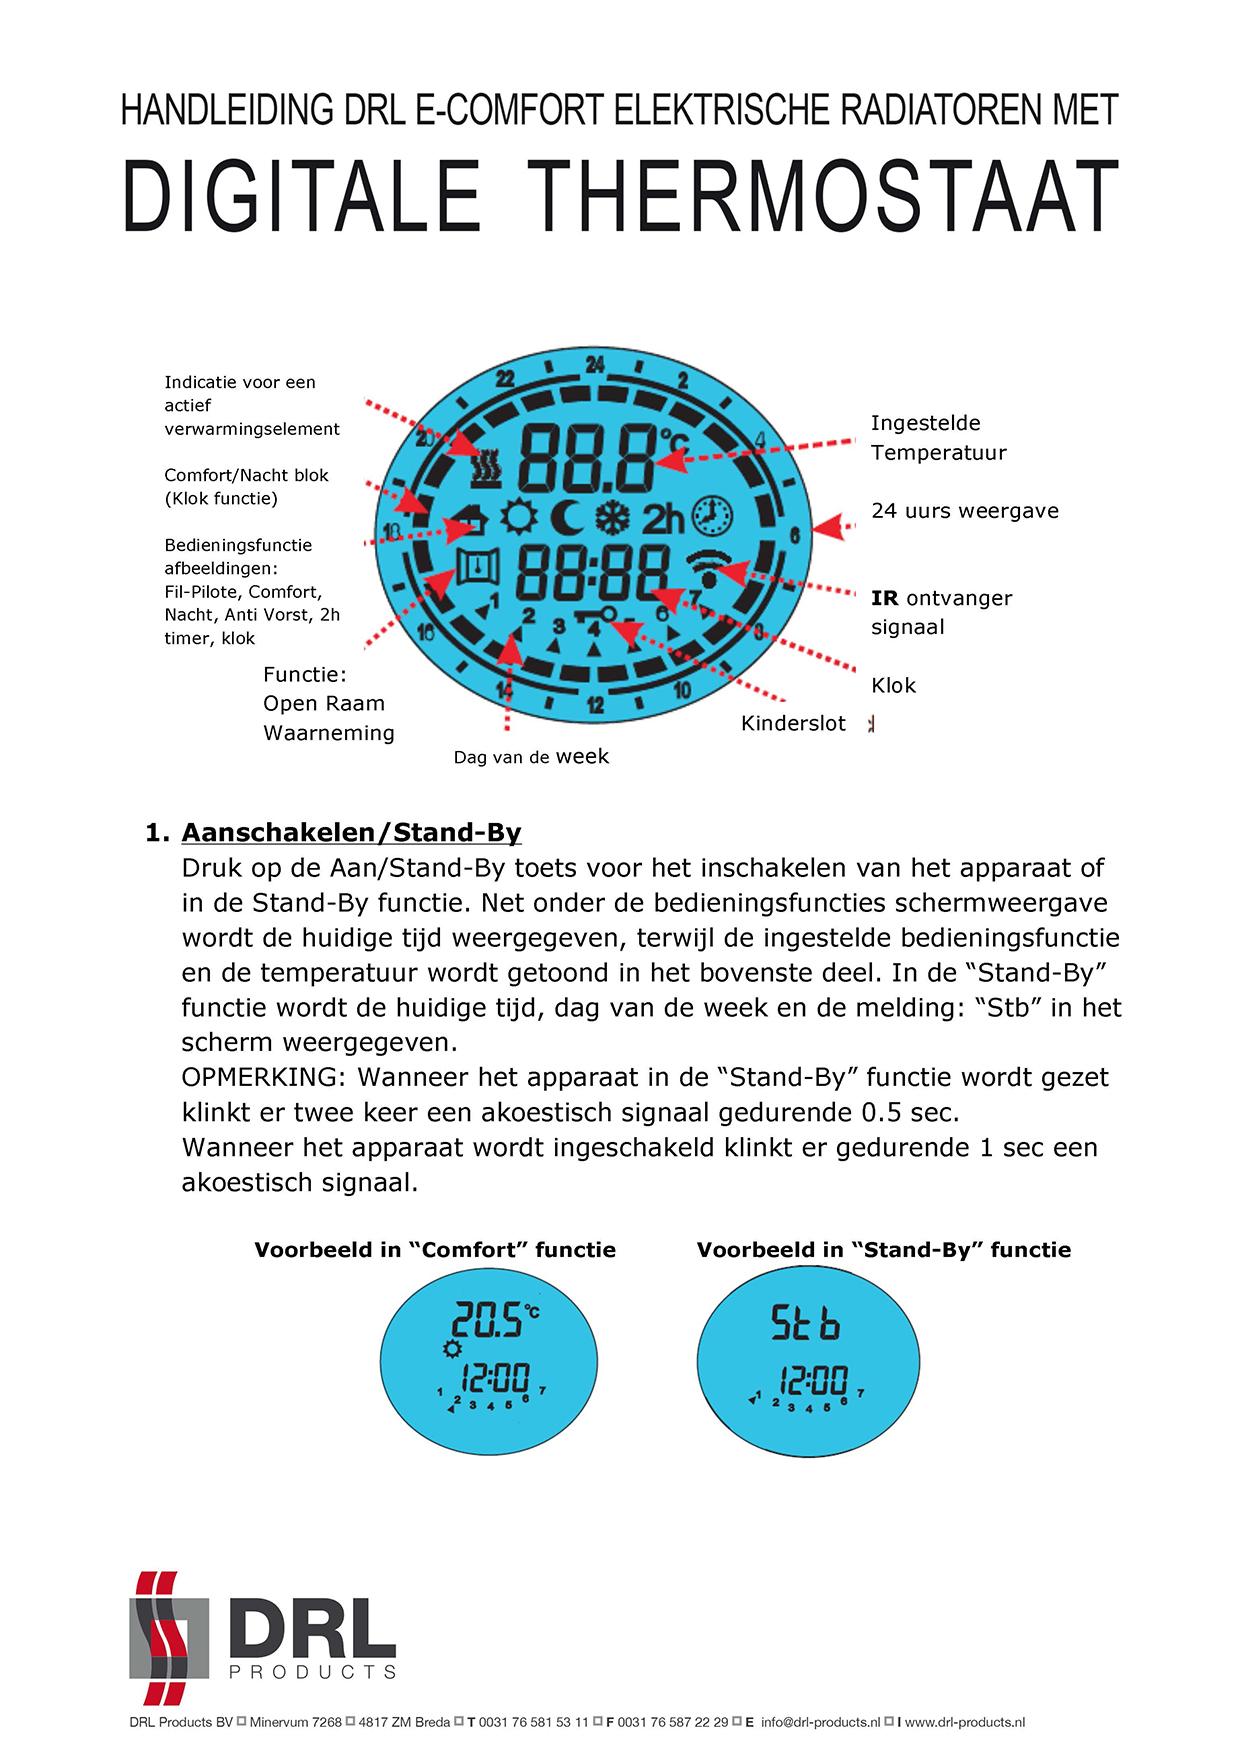 H_70_DRL_E_Comfort_Claudia_DIGITAAL_Thermostaat_GebruikersInstructie_NL_Pagina_10_WEB